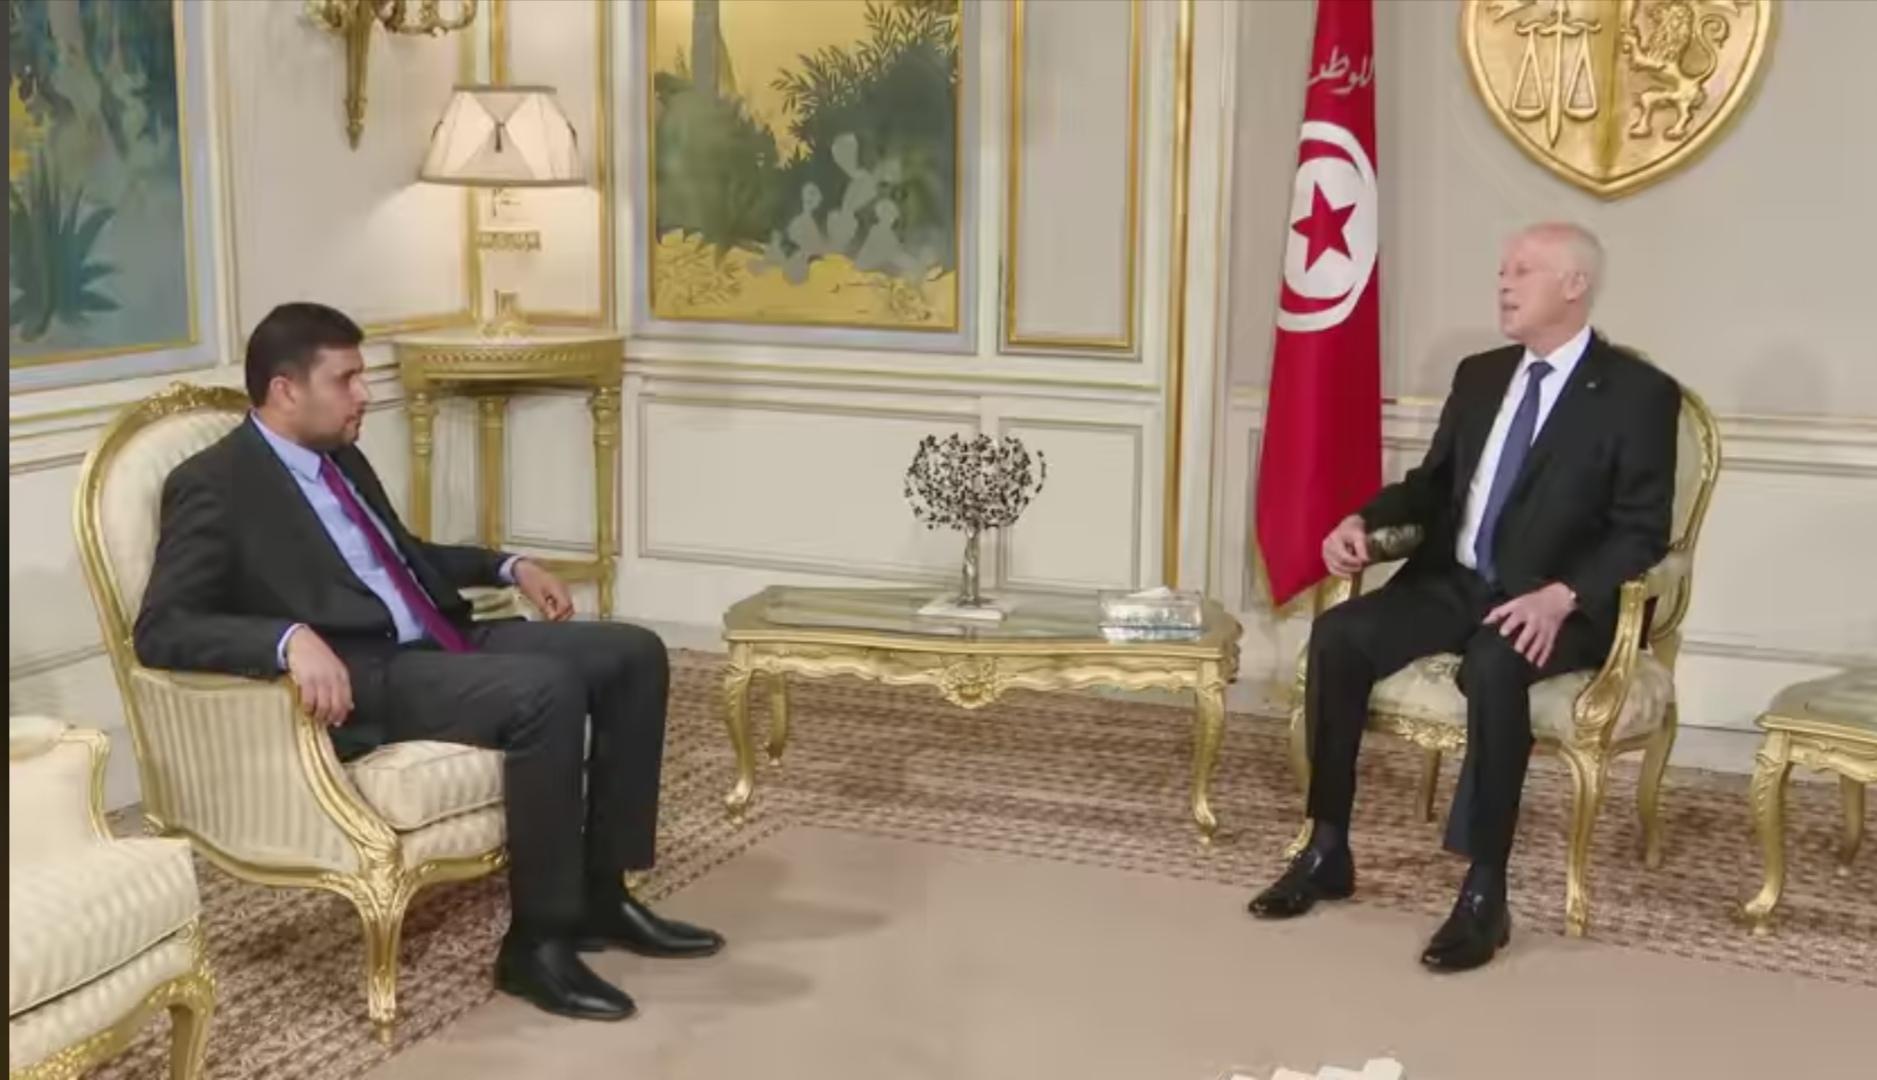 لقاء الرئيس التونسي قيس سعيد مع وزير الاقتصاد بحكومة الوفاق الليبية فرج بوطاري